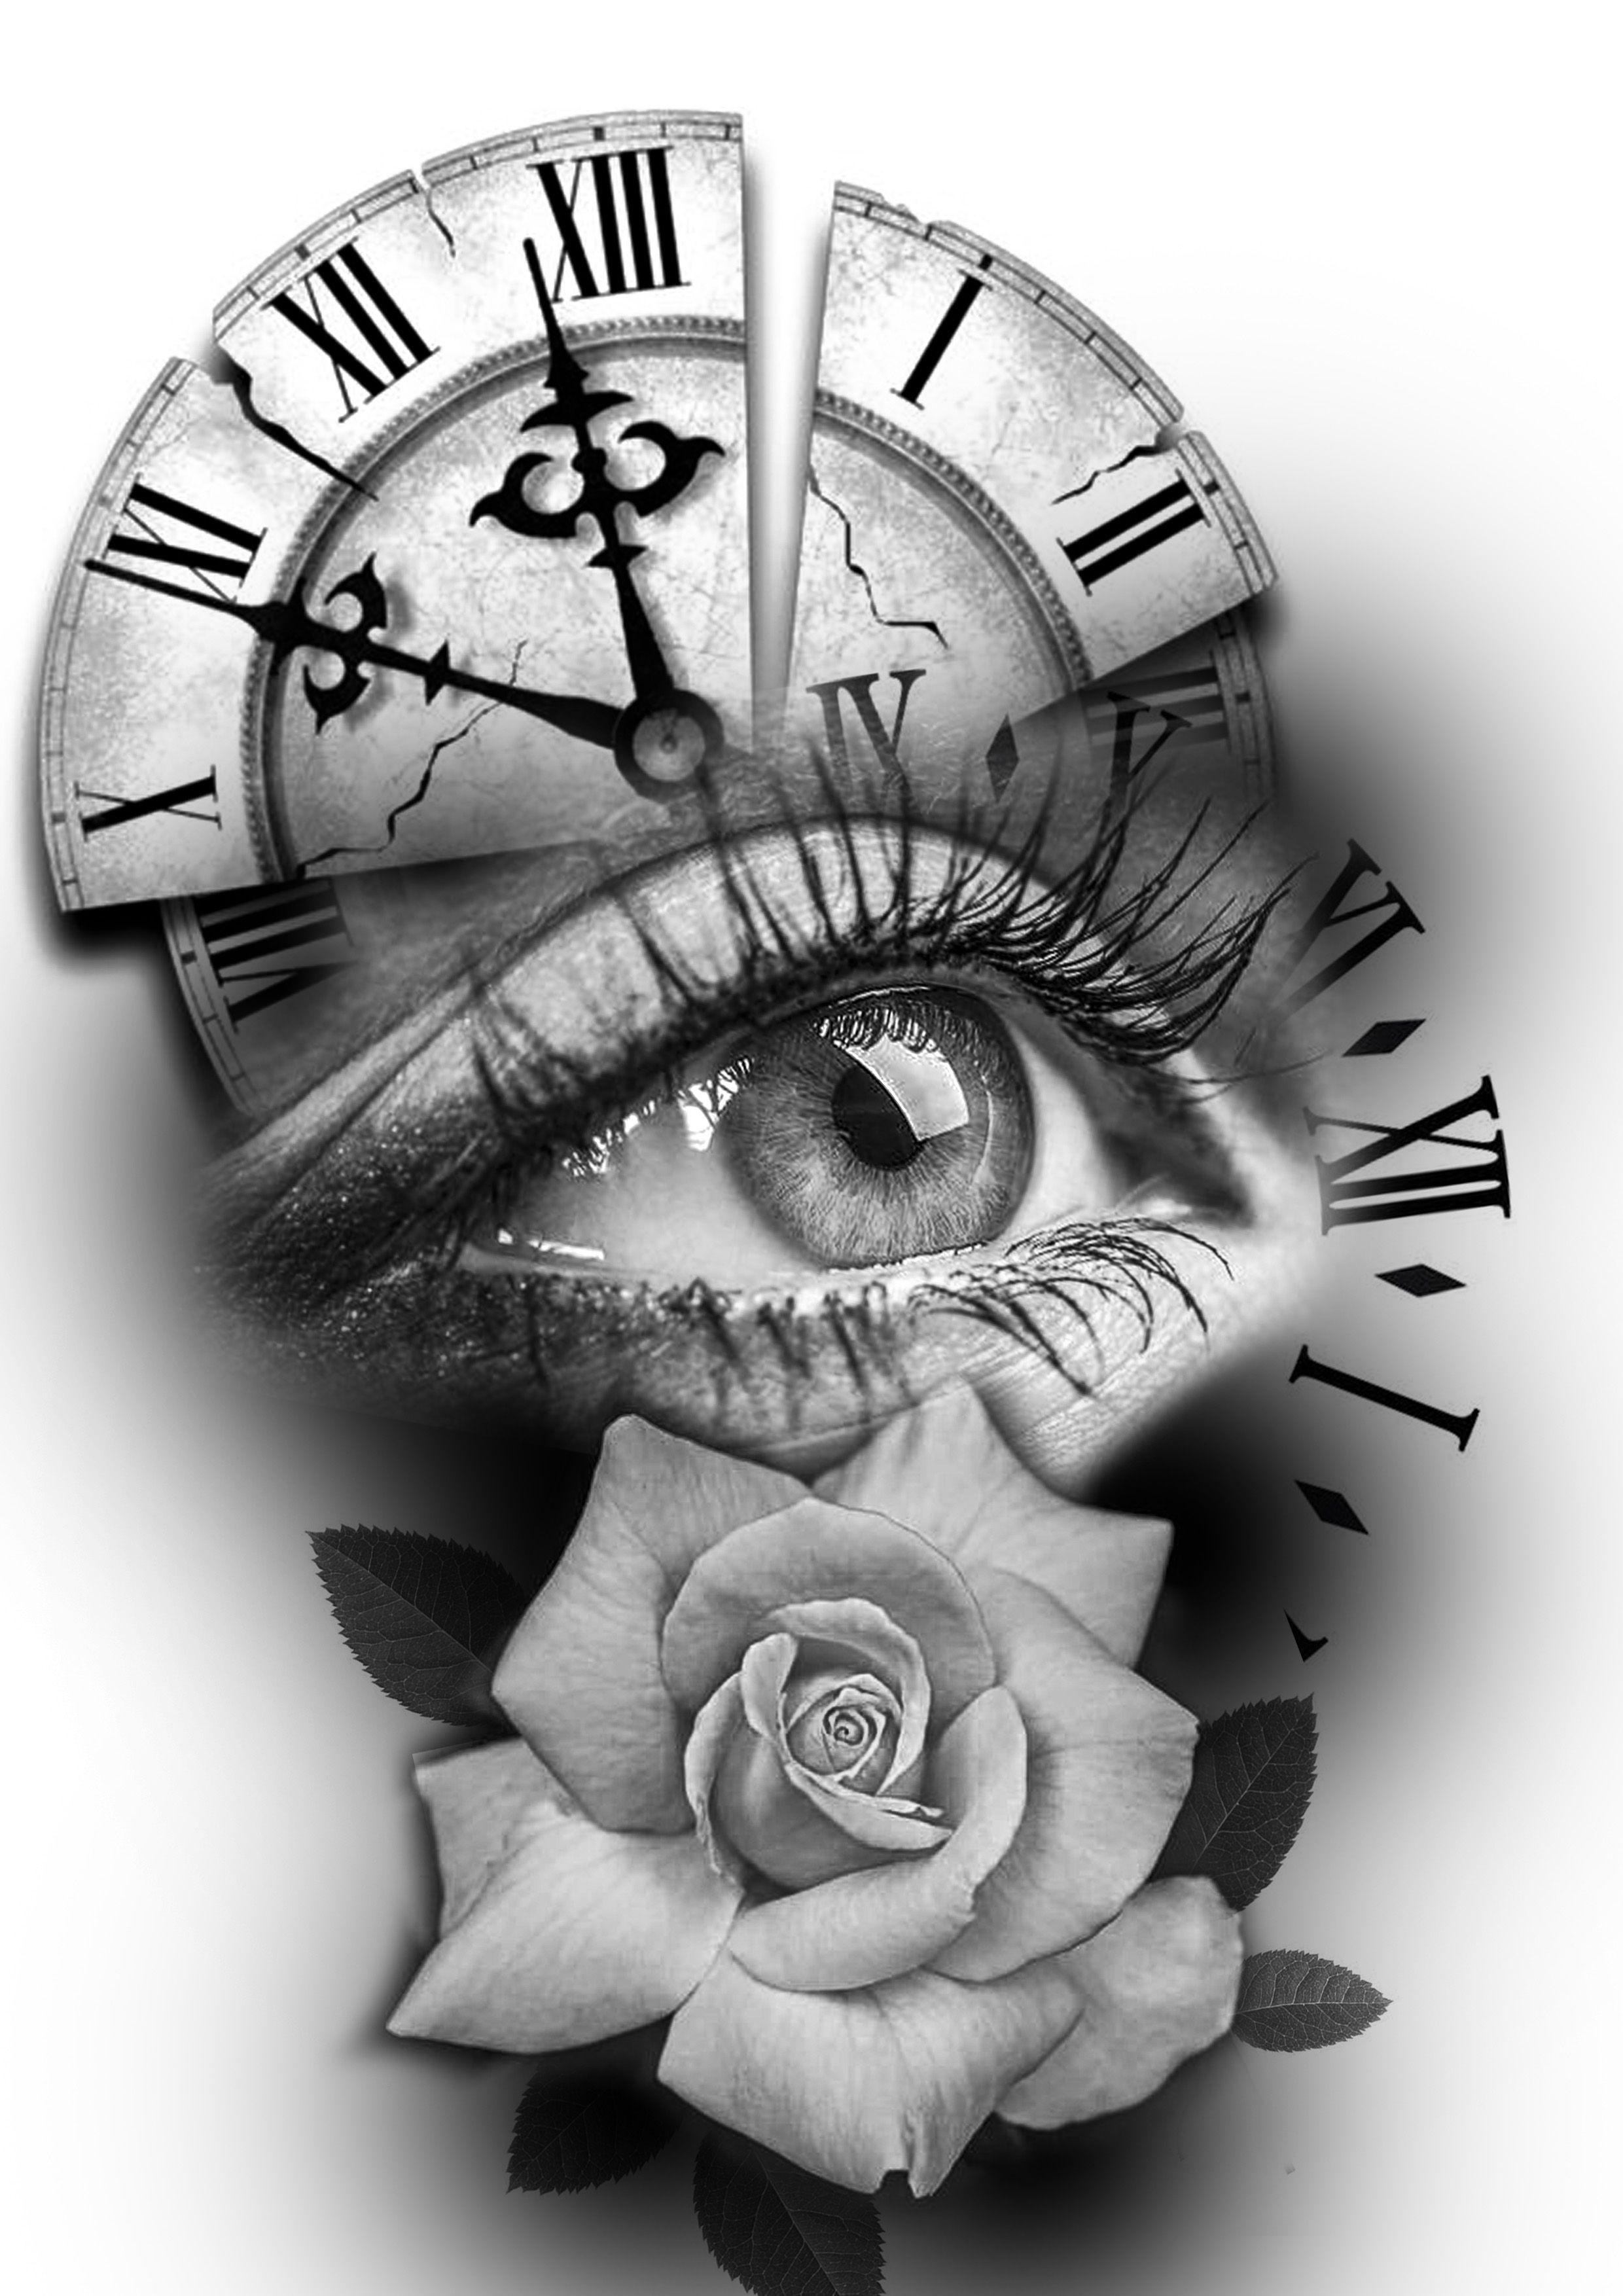 Rose Clock Tattoo Designs Drawing: Rose Tattoo - MyKingList.com